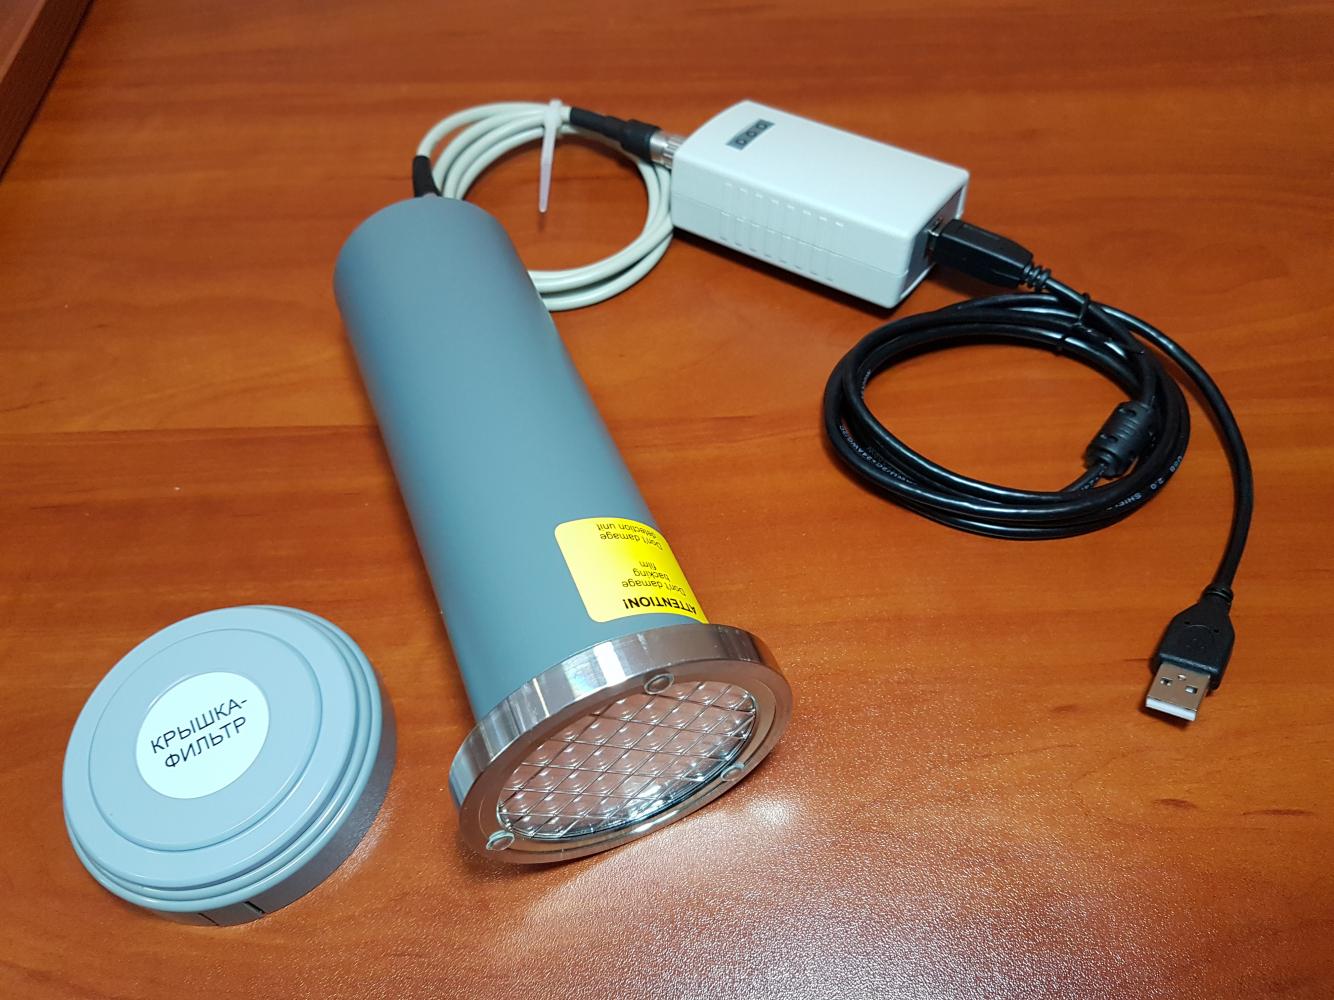 Дозиметр радиометр МКС-АТ1117М с внешним блоком детектирования бета излучения БДПБ-01 - 1